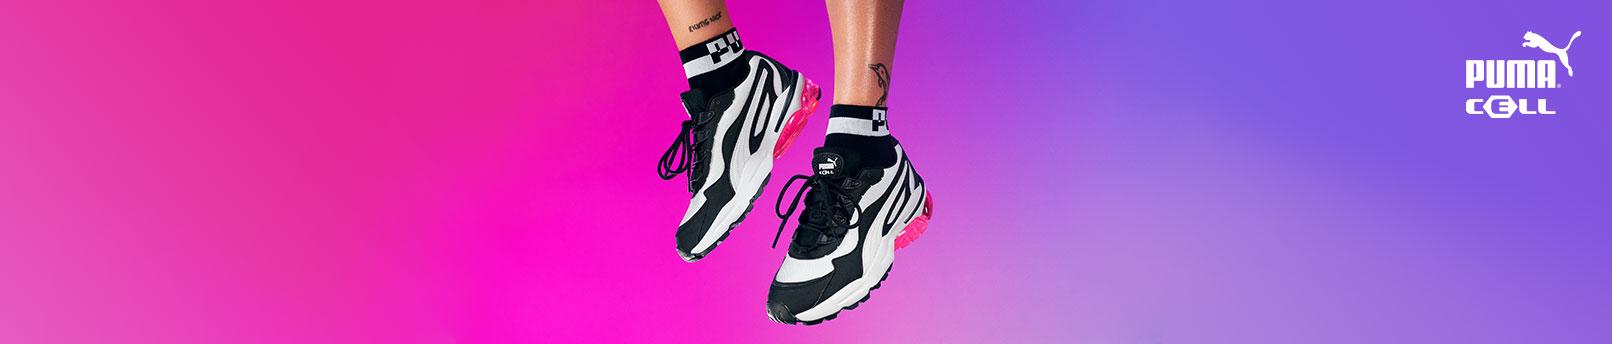 c5895003880 Damessneakers online shop • ZALANDO • Ontdek het hier!